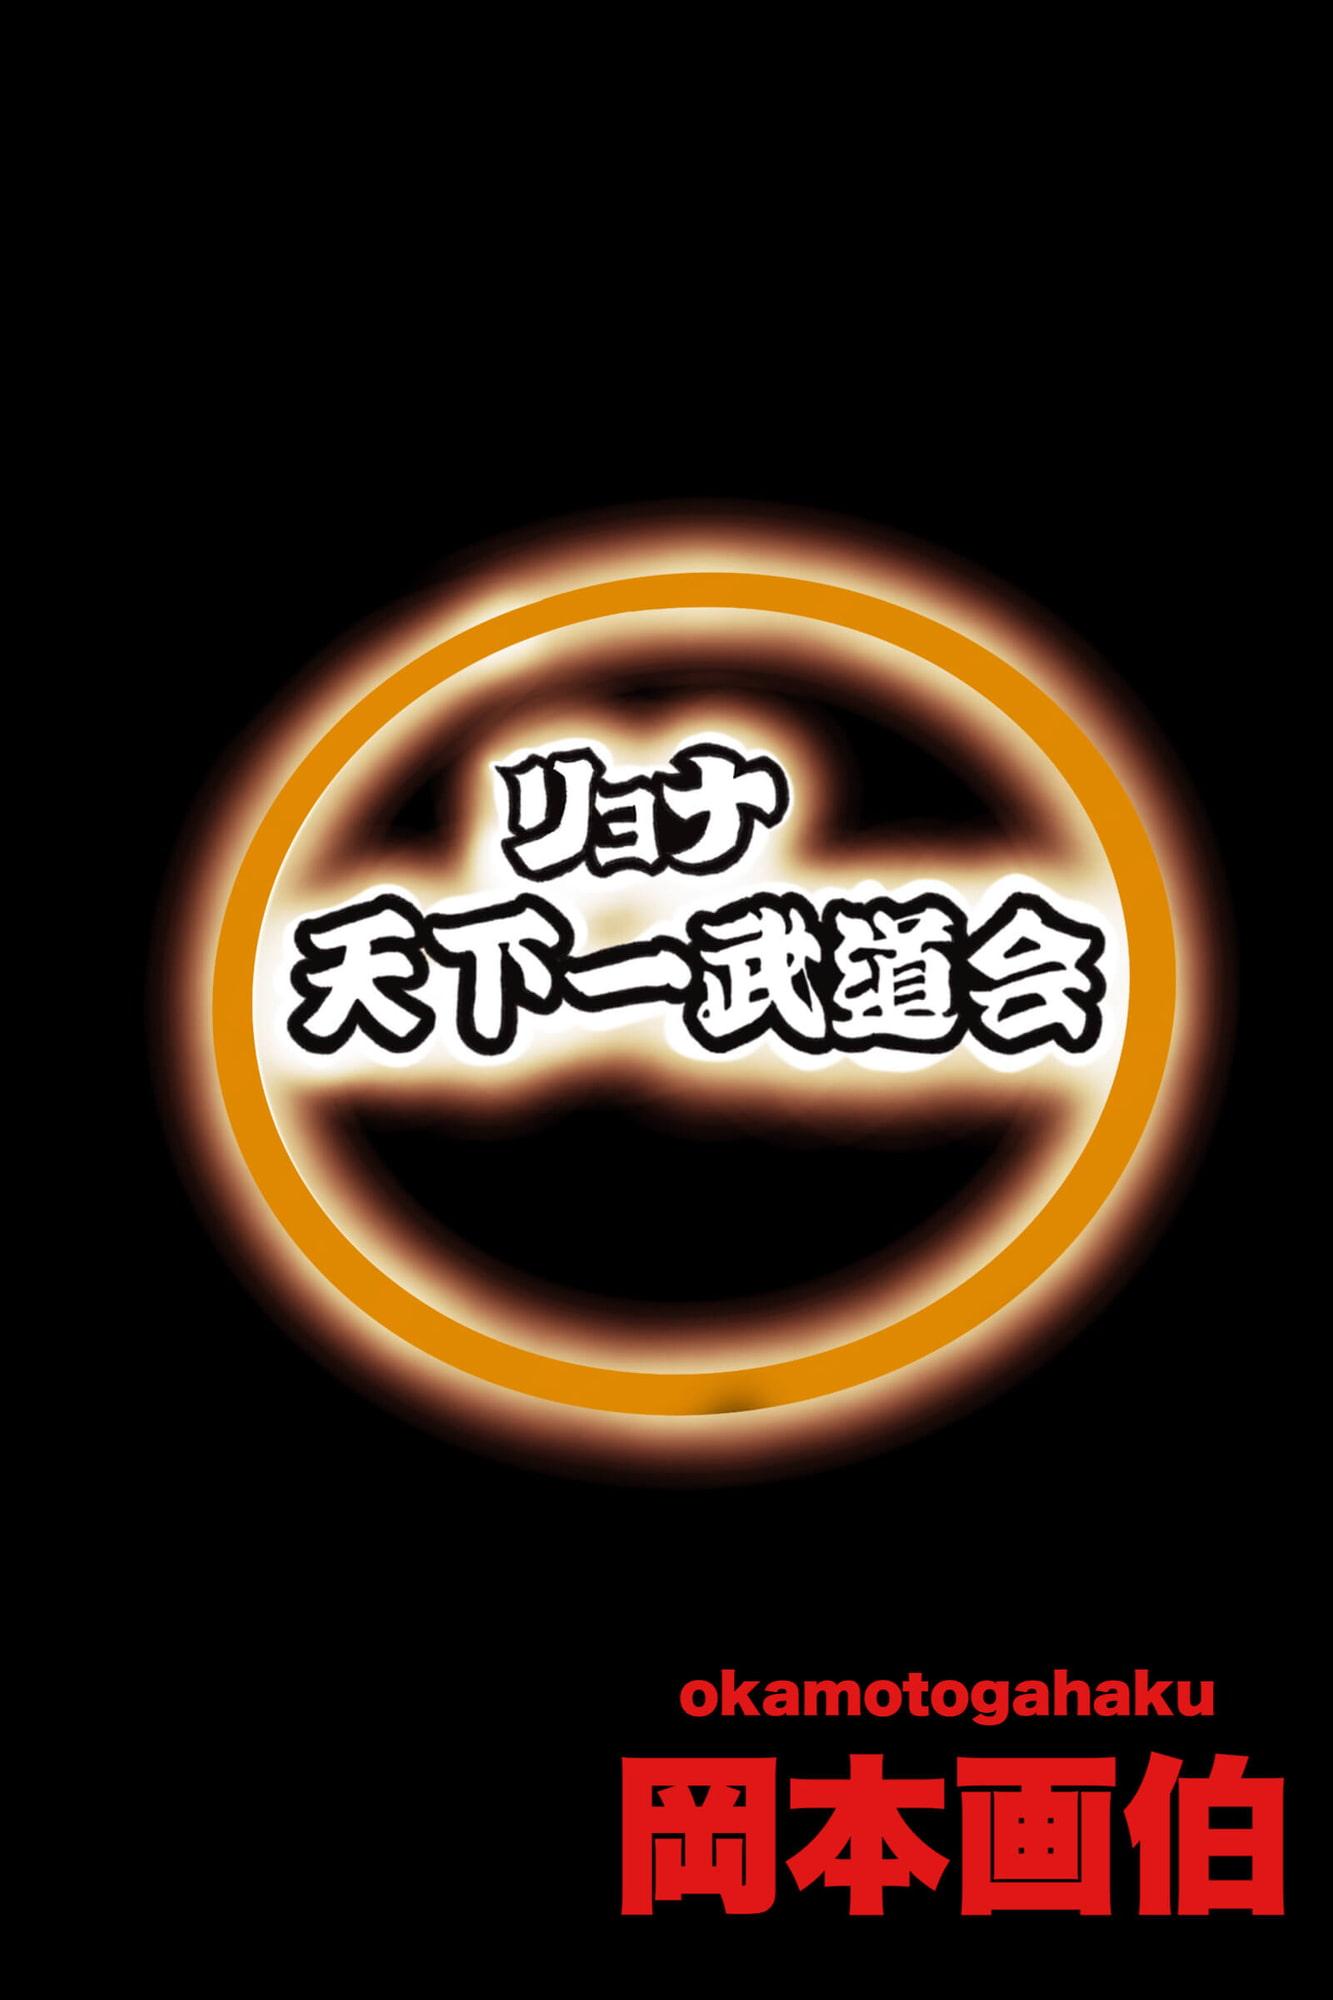 リョナ天下一武道会 2 〜無限リョナ地獄〜9